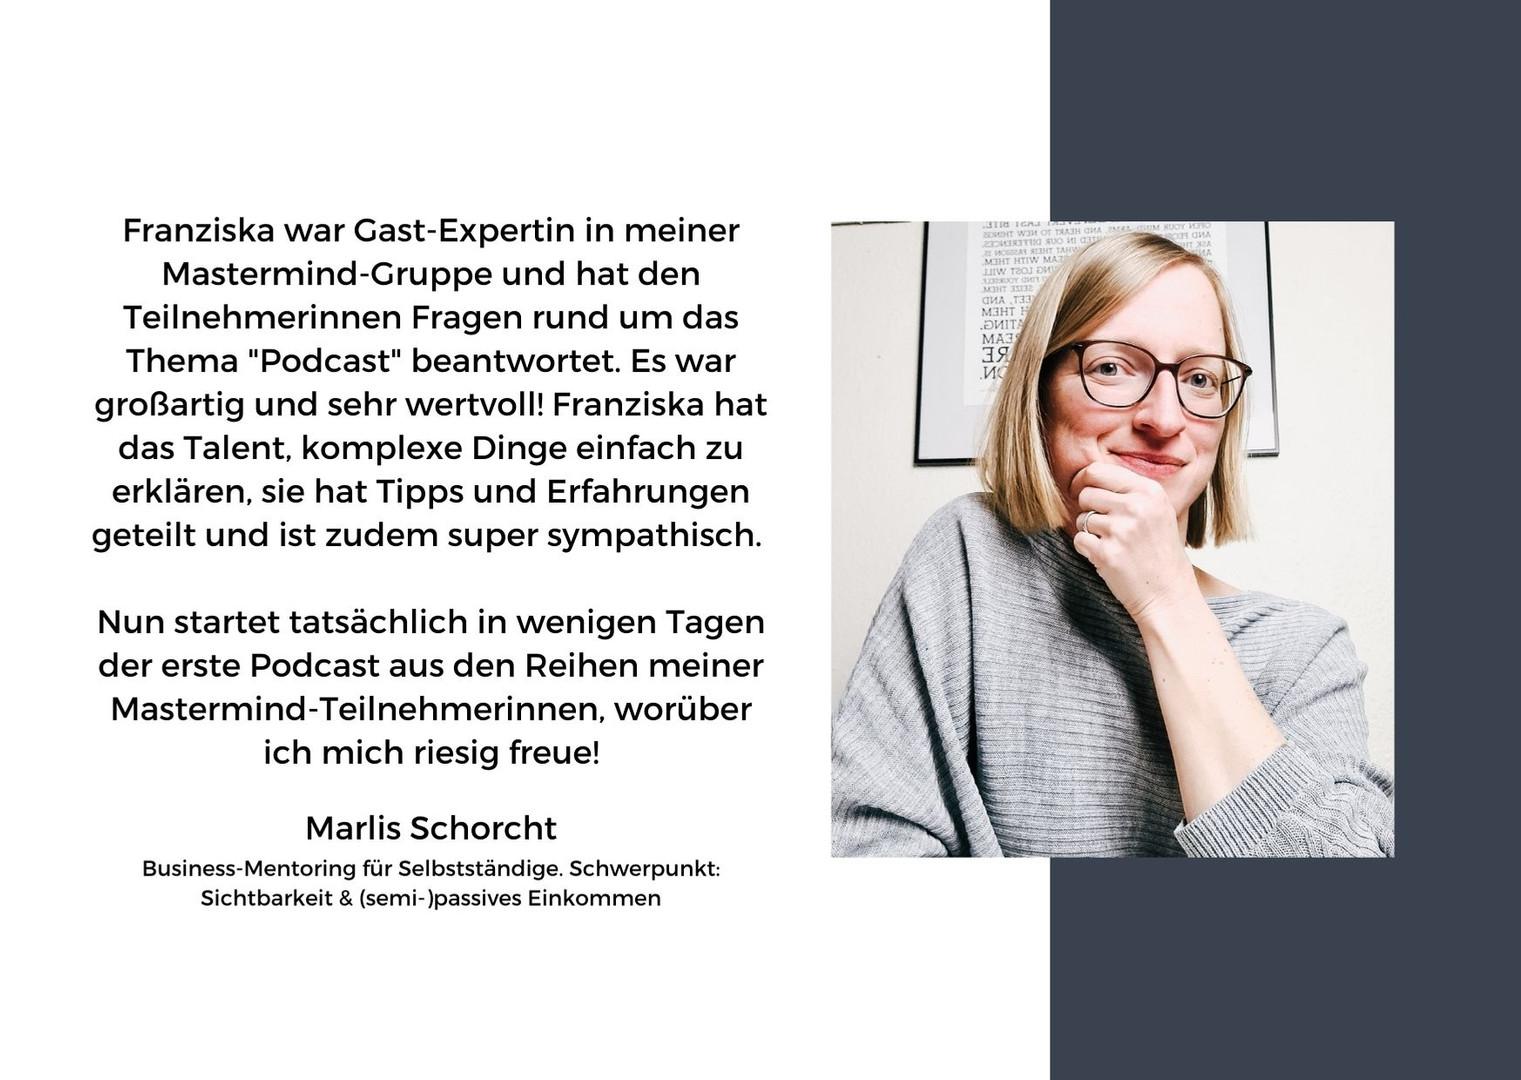 Marlis Schorcht.jpg